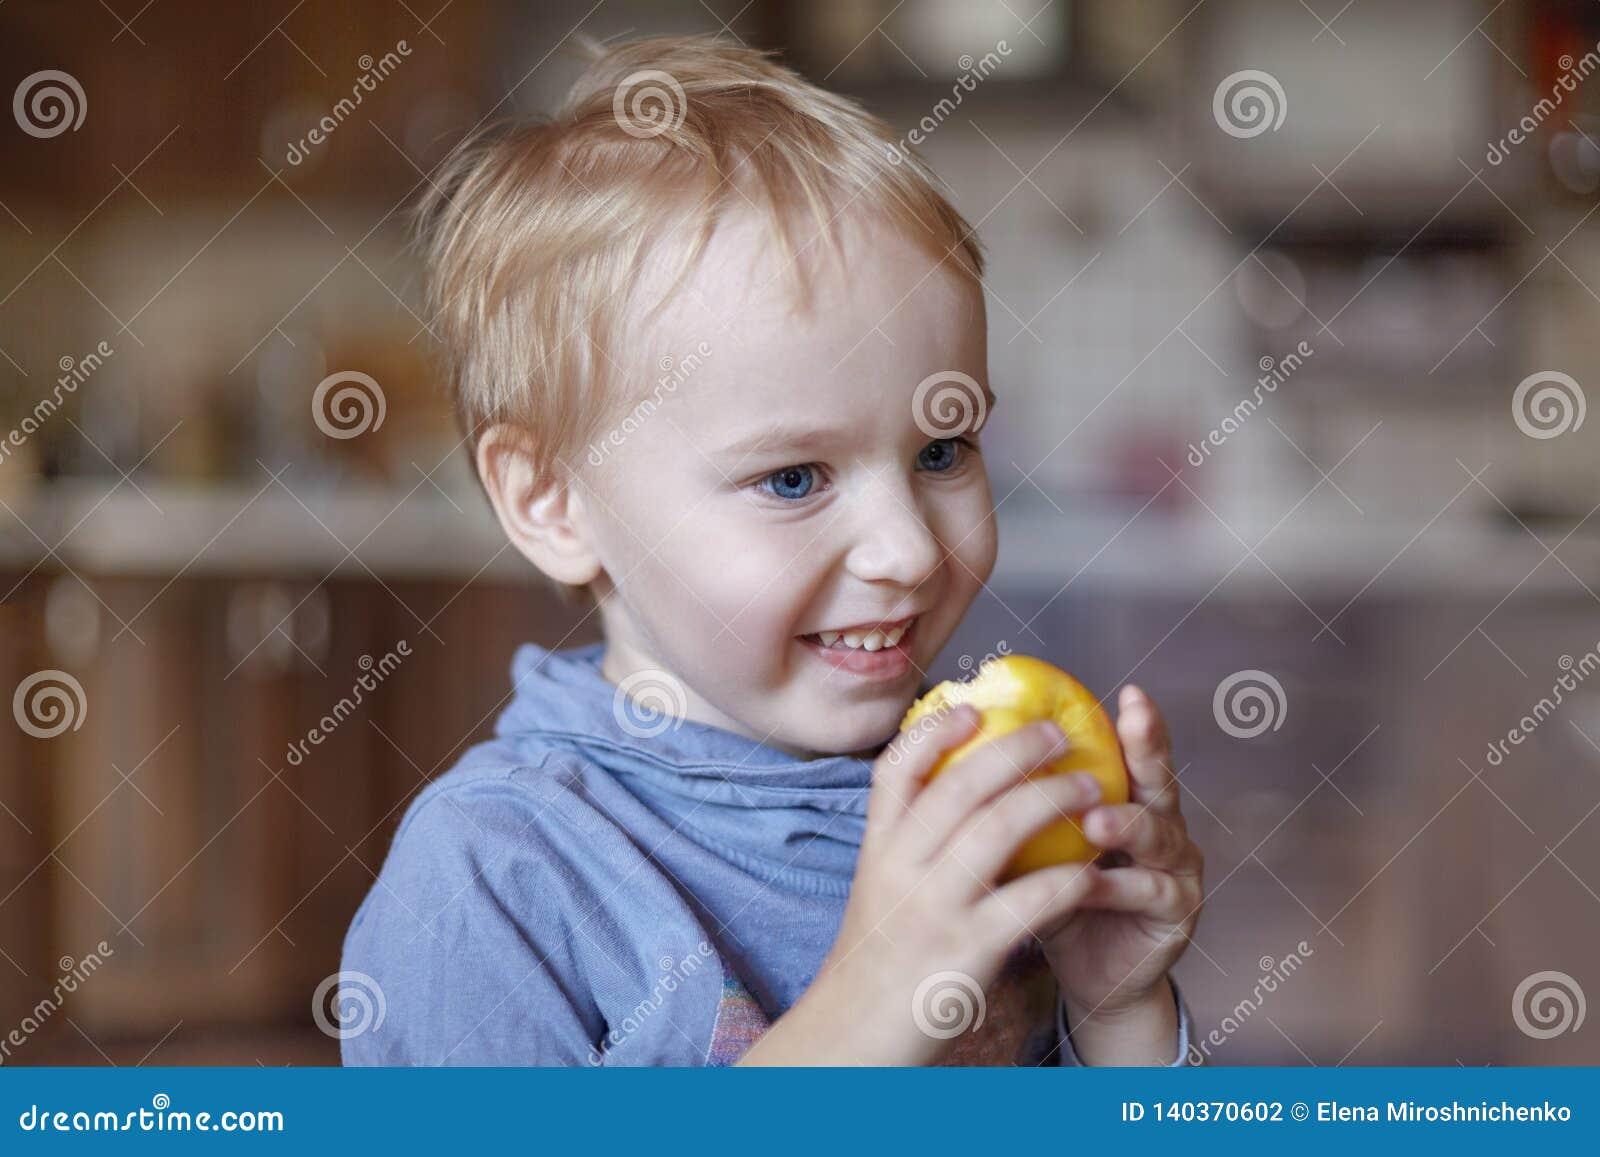 Leuke Kaukasisch weinig jongen met blauw ogen en blondehaar eet gele appel, houdend het op de handen, het glimlachen